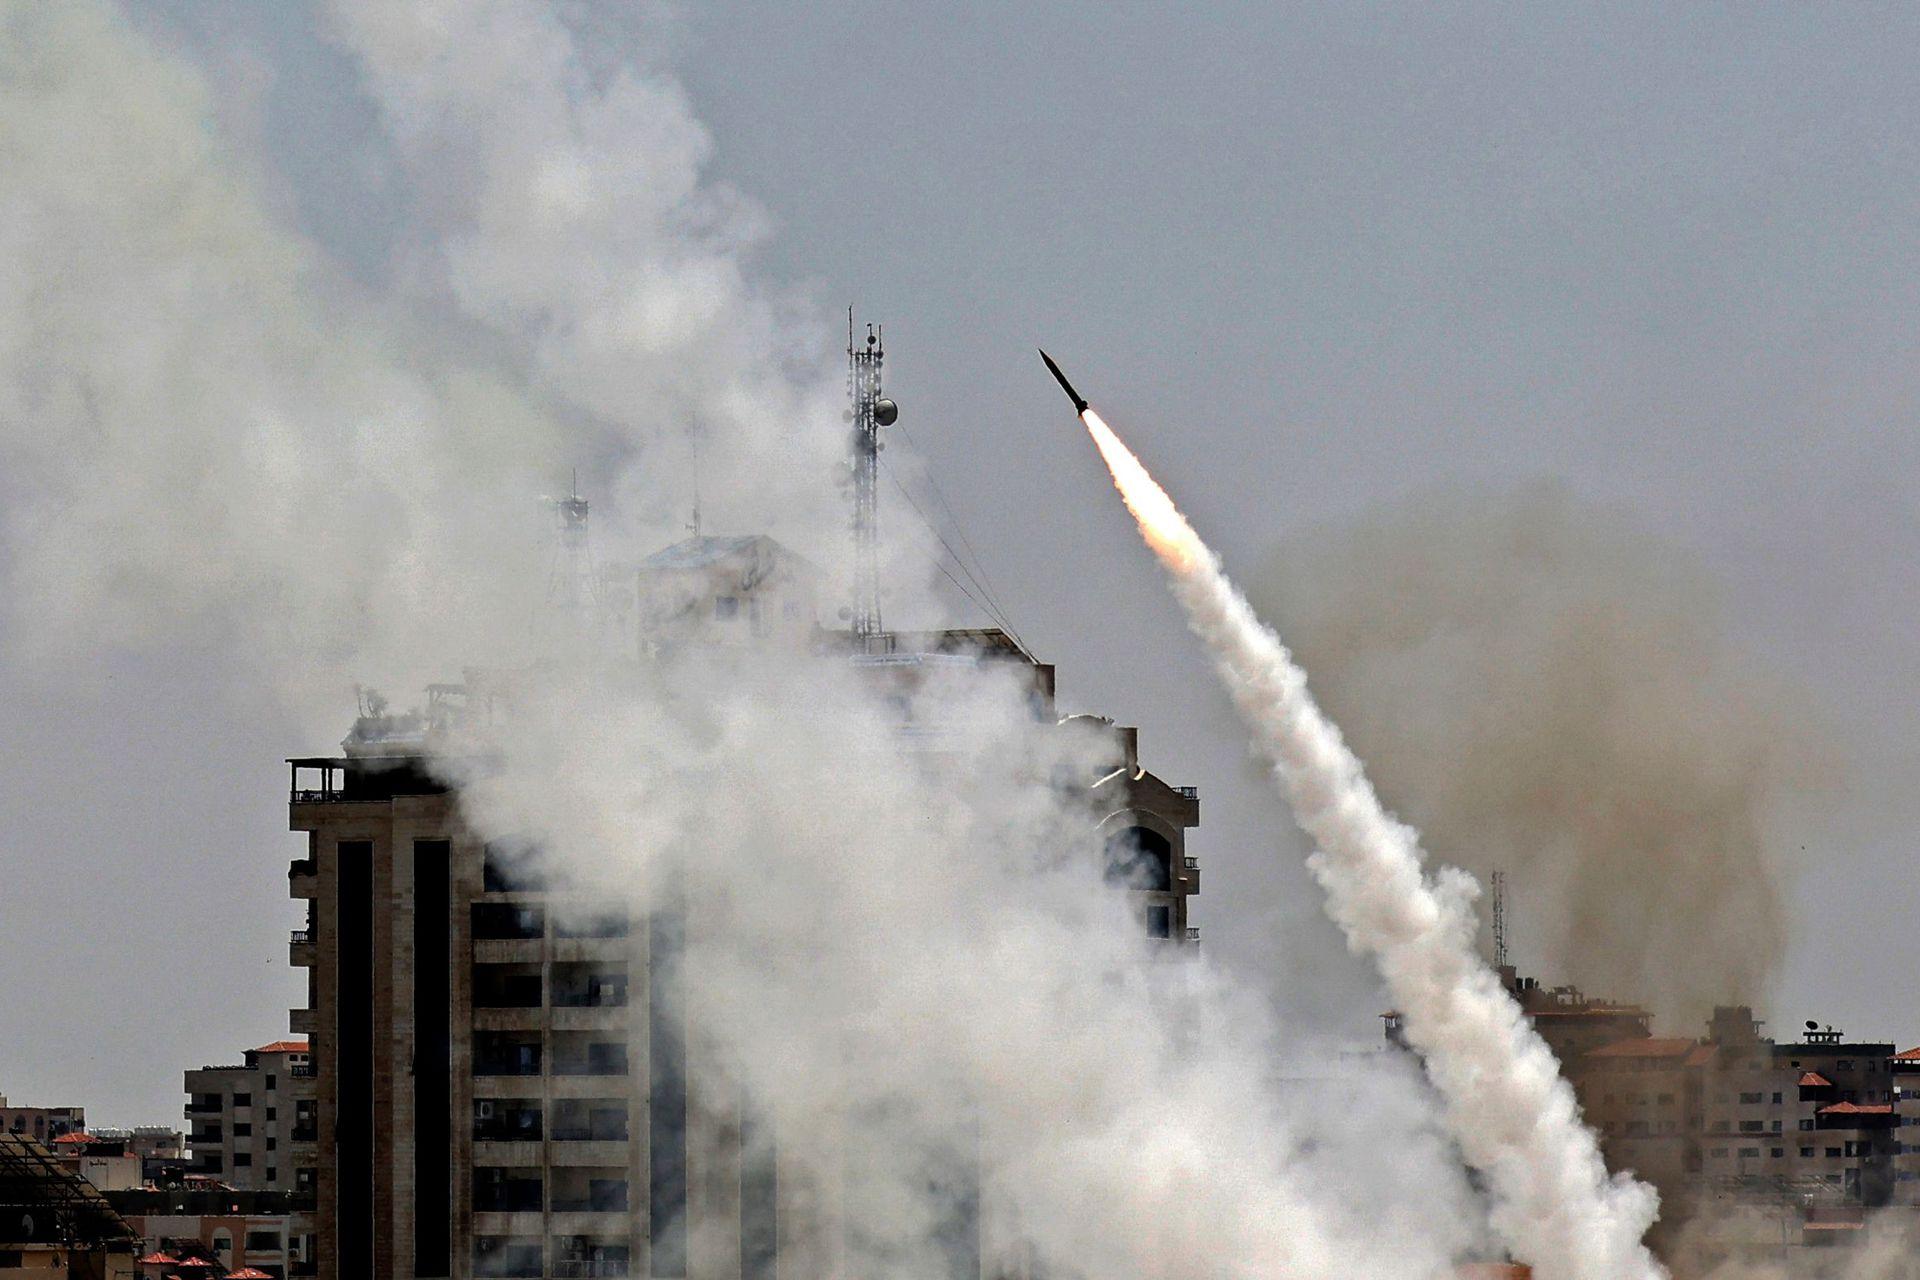 Misiles disparados desde la ciudad de Gaza, controlada por el movimiento palestino Hamas, hacia Israel